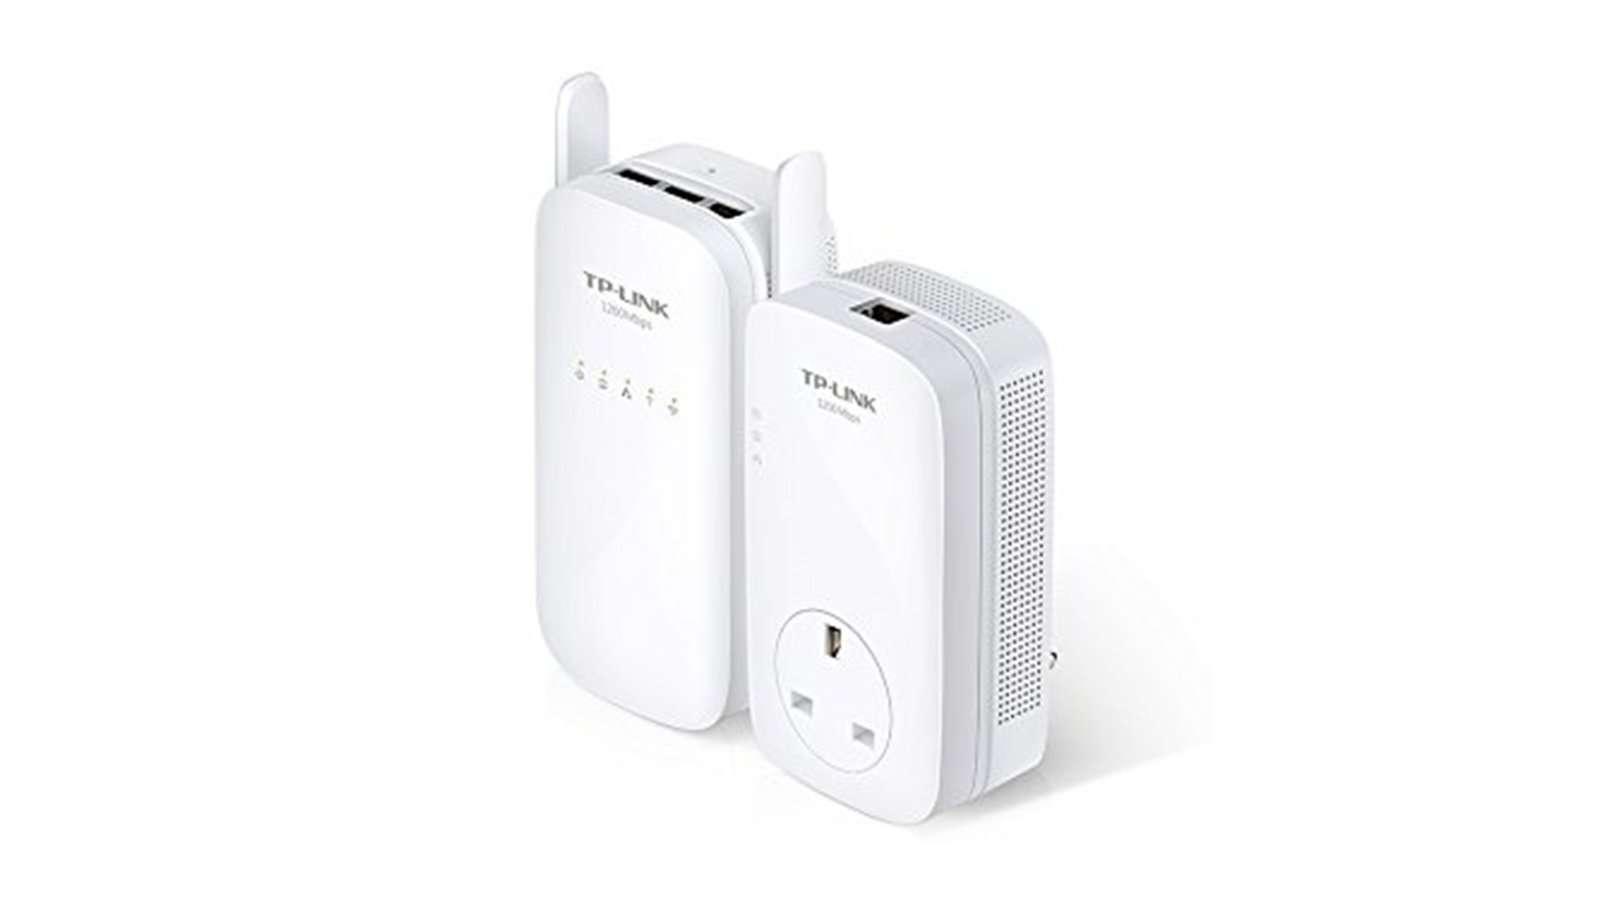 Best Powerling Adapter 3 - TP-Link AV1200